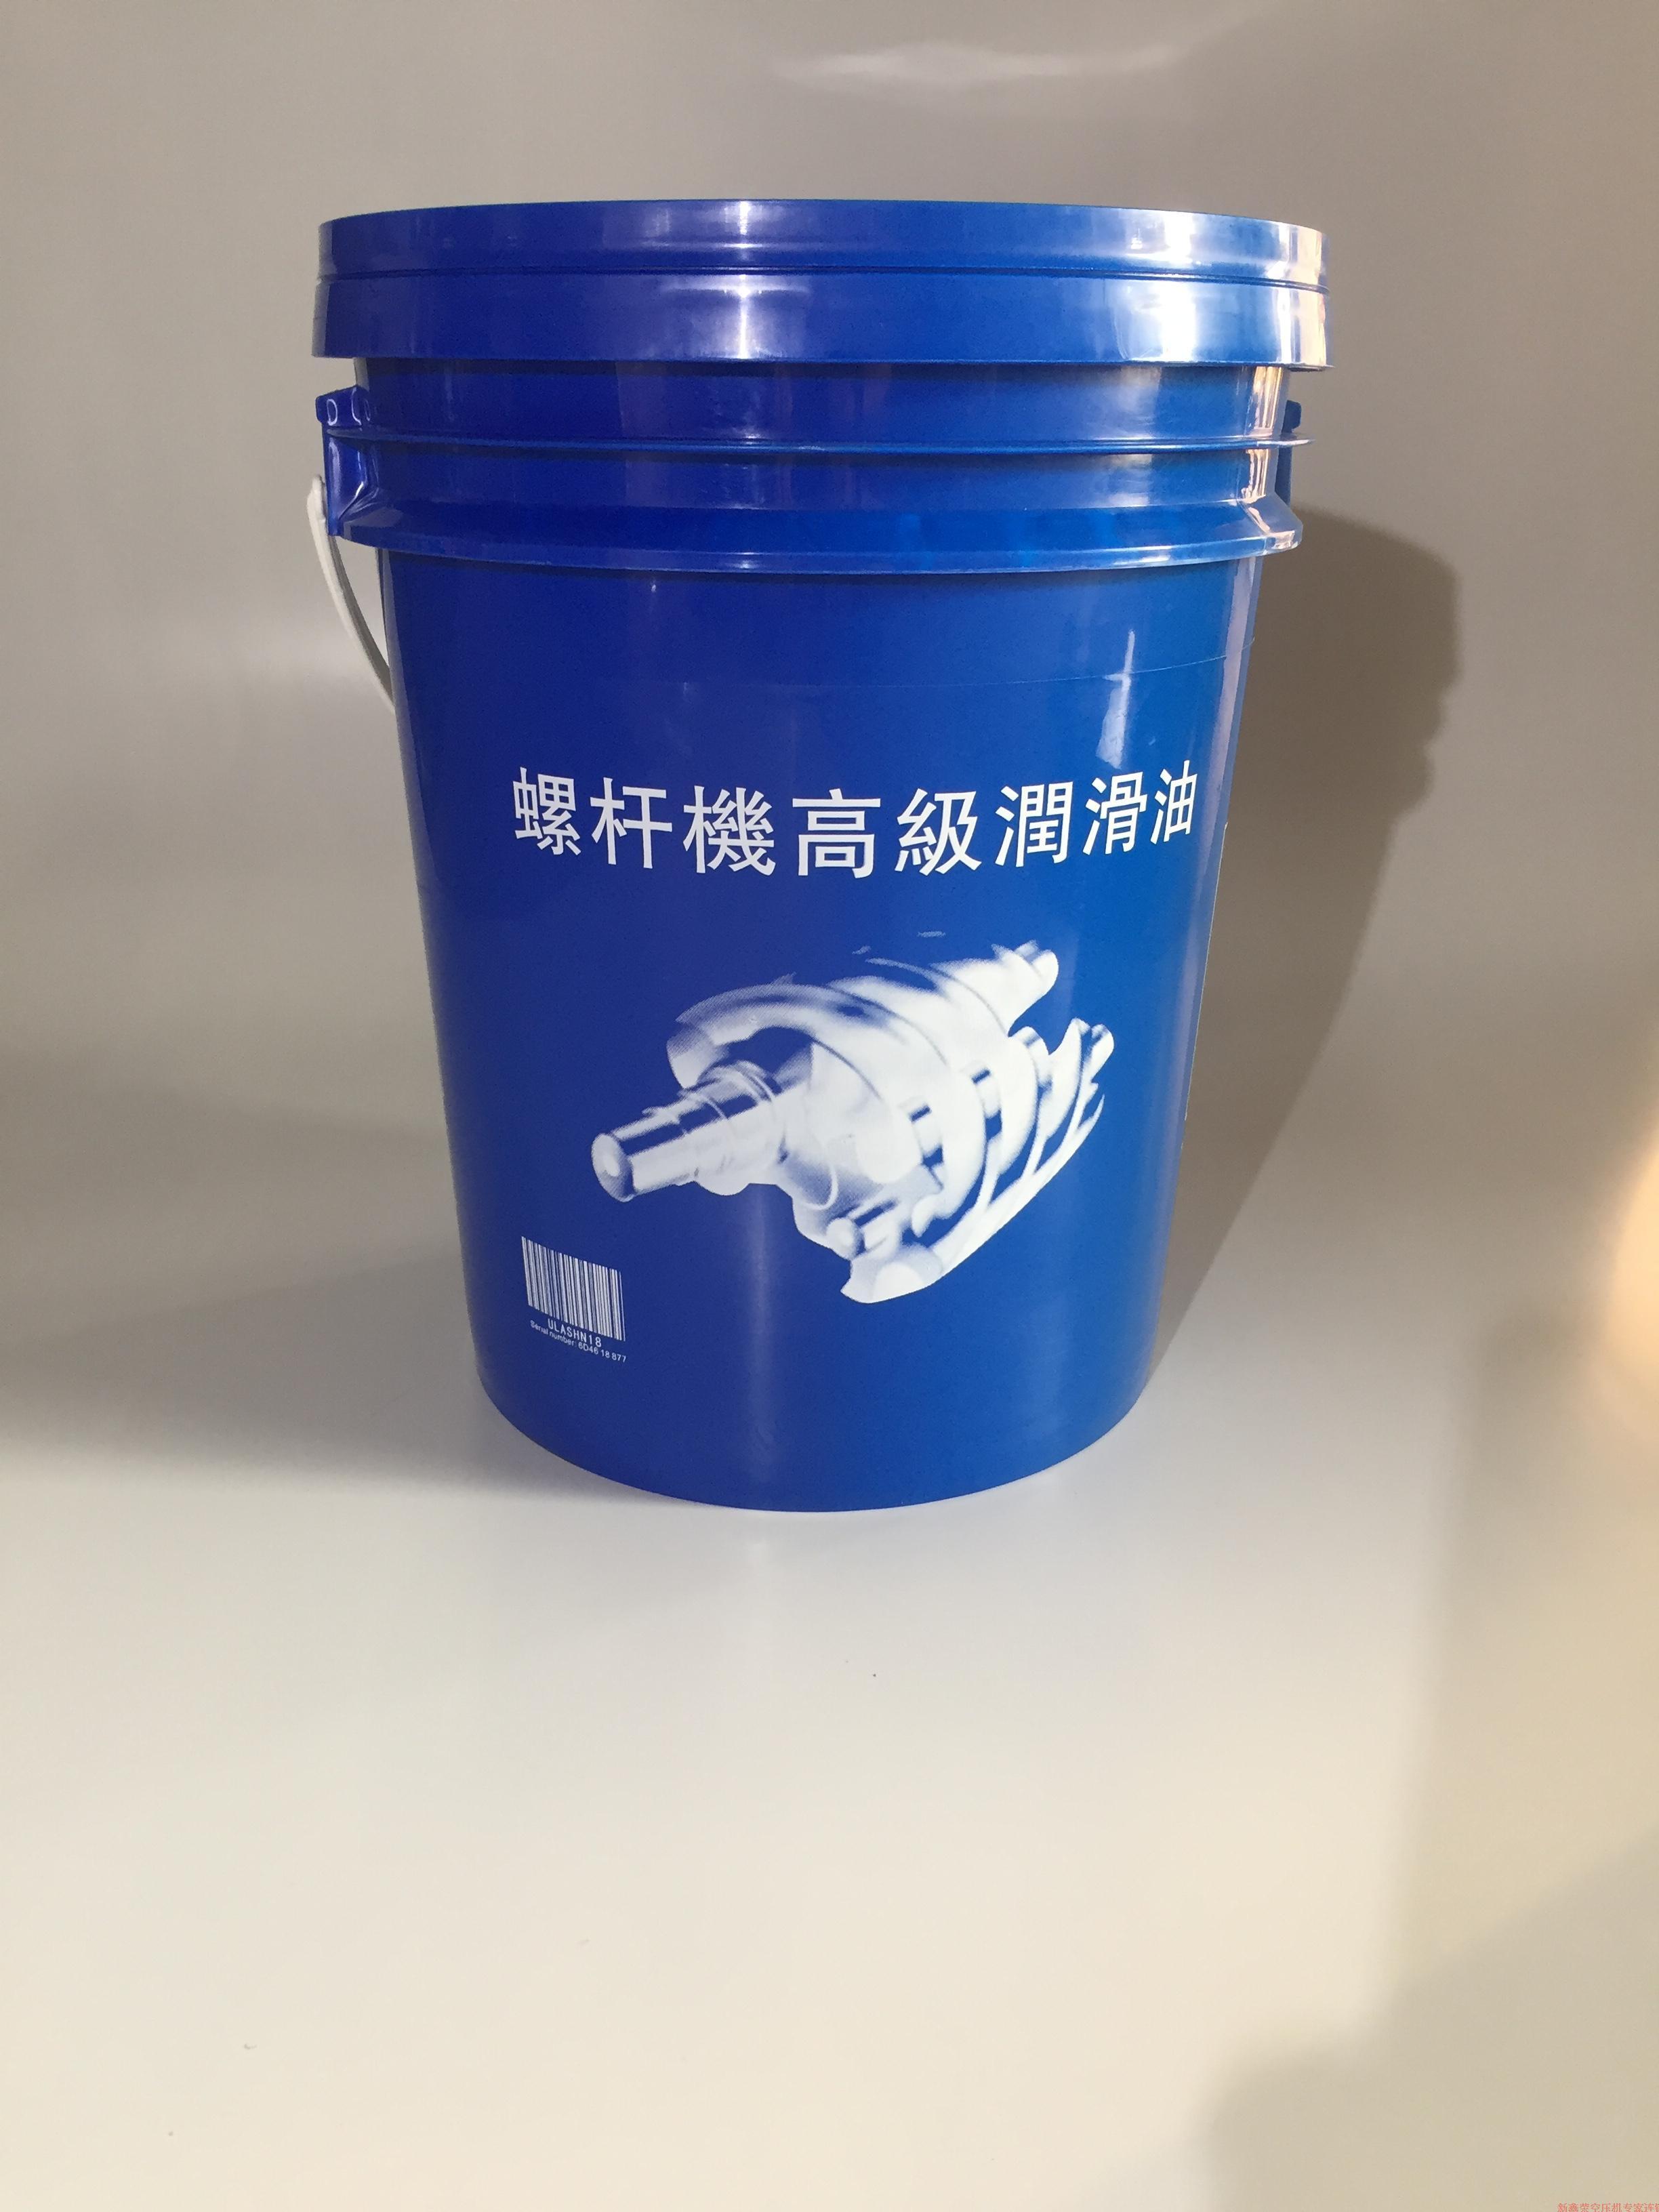 Компрессор Расширенные винт масла компрессора охлаждающей жидкости смазки 18l импортированных воздуха компрессор масло